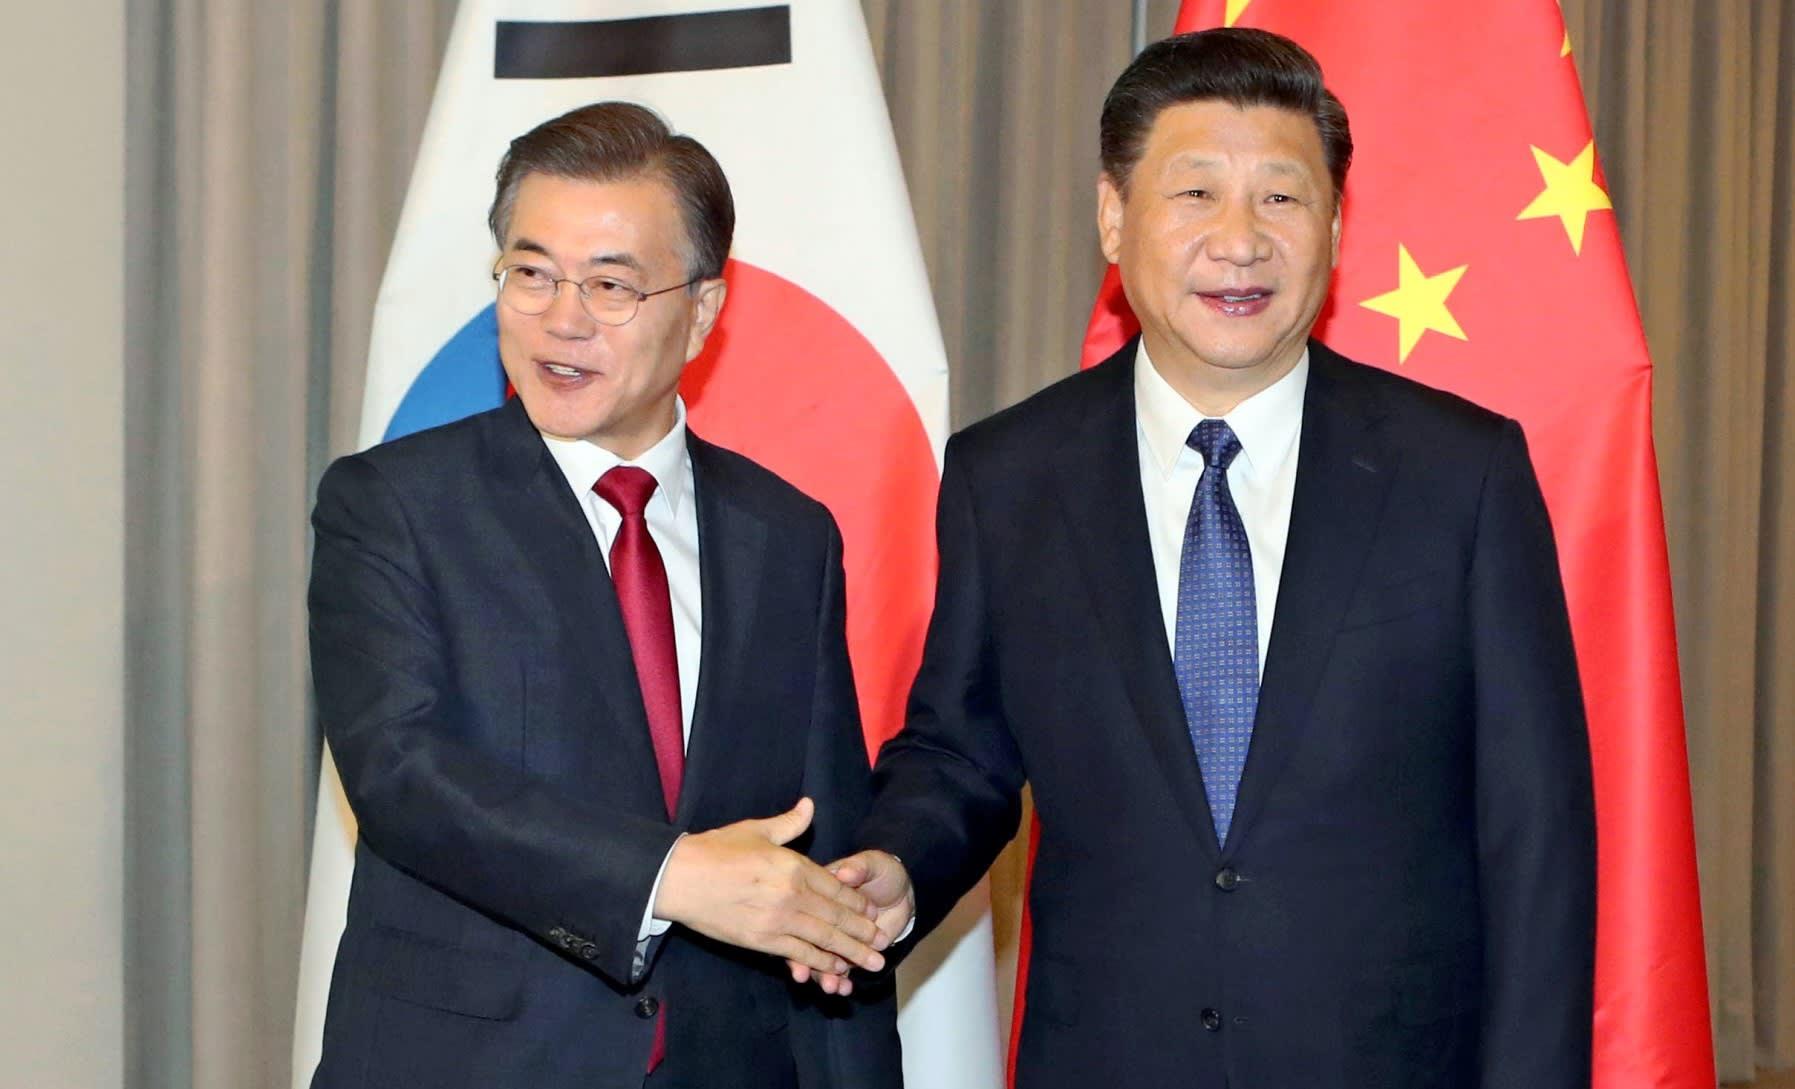 Les Nouvelles Routes de la Soie : quelle place pour l'avenir de la péninsule coréenne ?